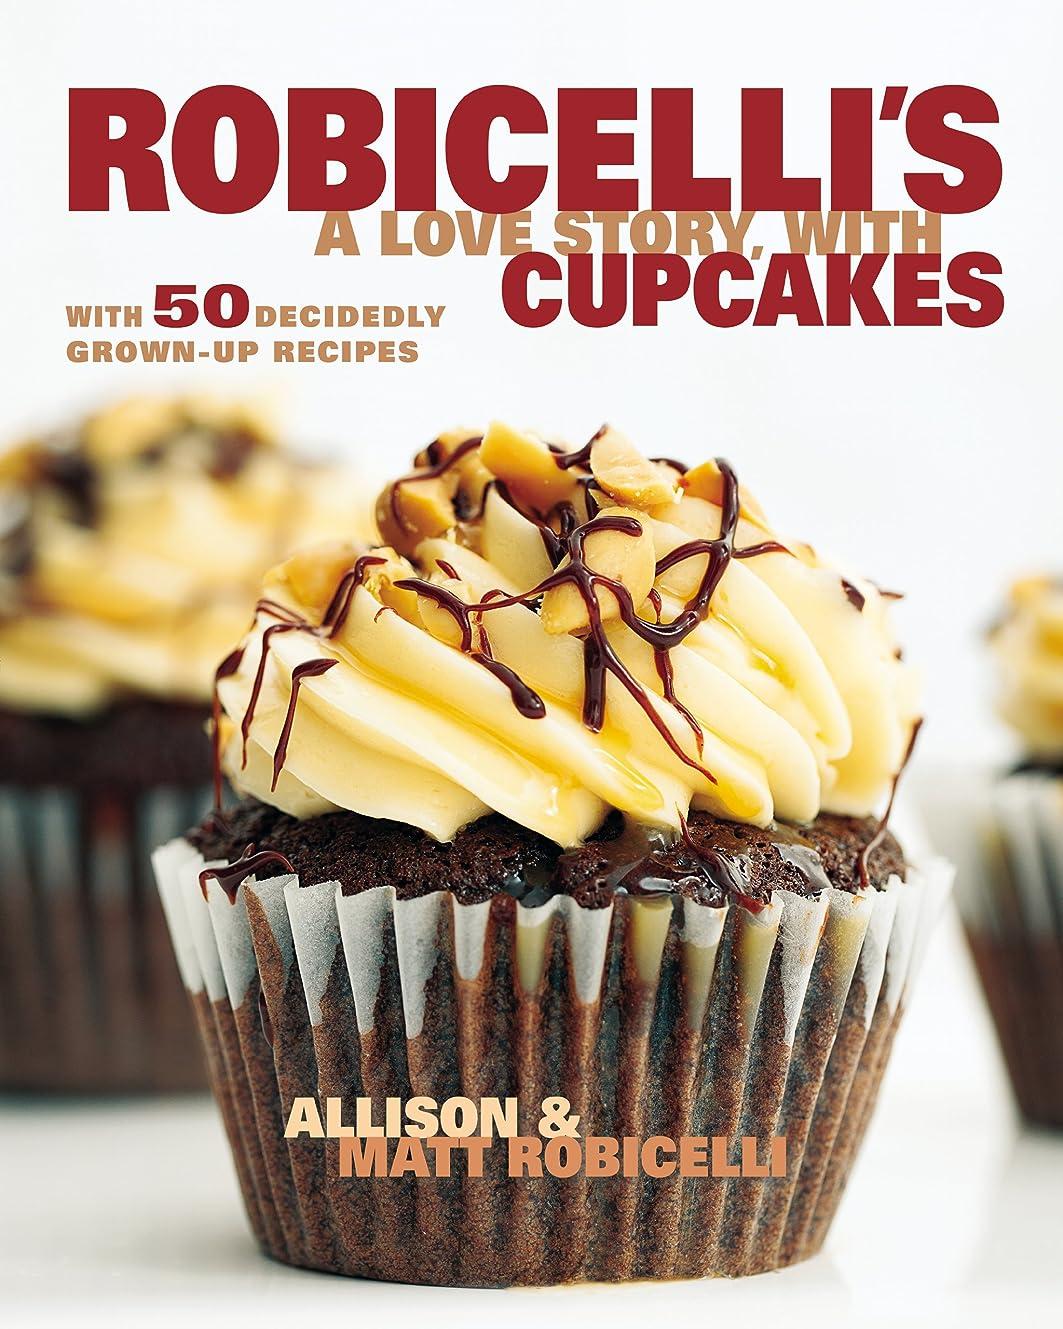 含める弁護人リテラシーRobicelli's: A Love Story, with Cupcakes: With 50 Decidedly Grown-Up Recipes (English Edition)